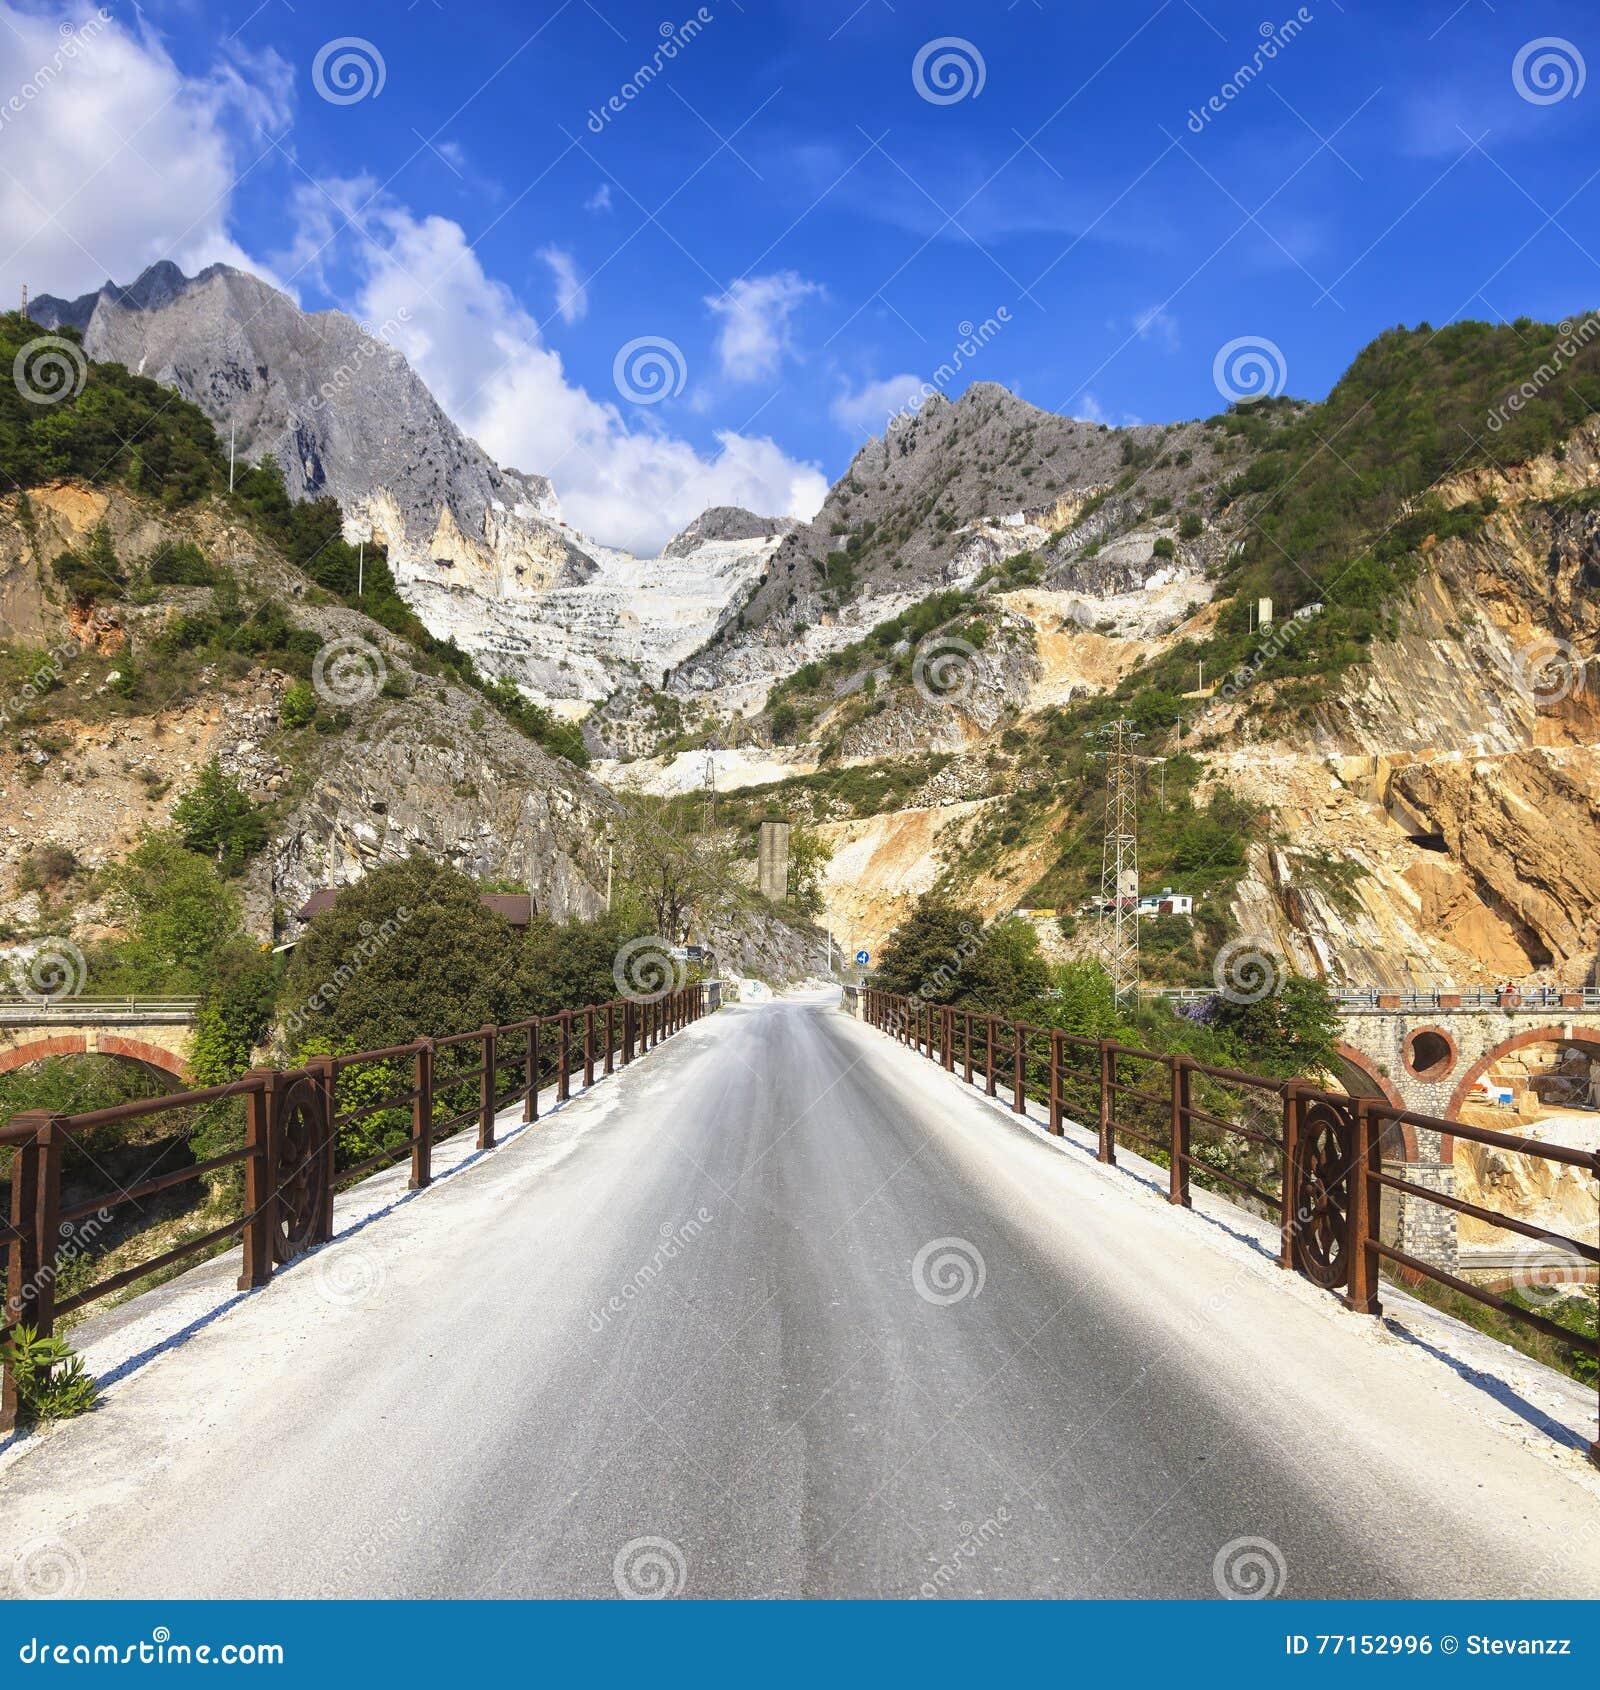 Bridge Ponti di Vara dans la carrière de marbre blanche, Alpes d Apuan, Carrare